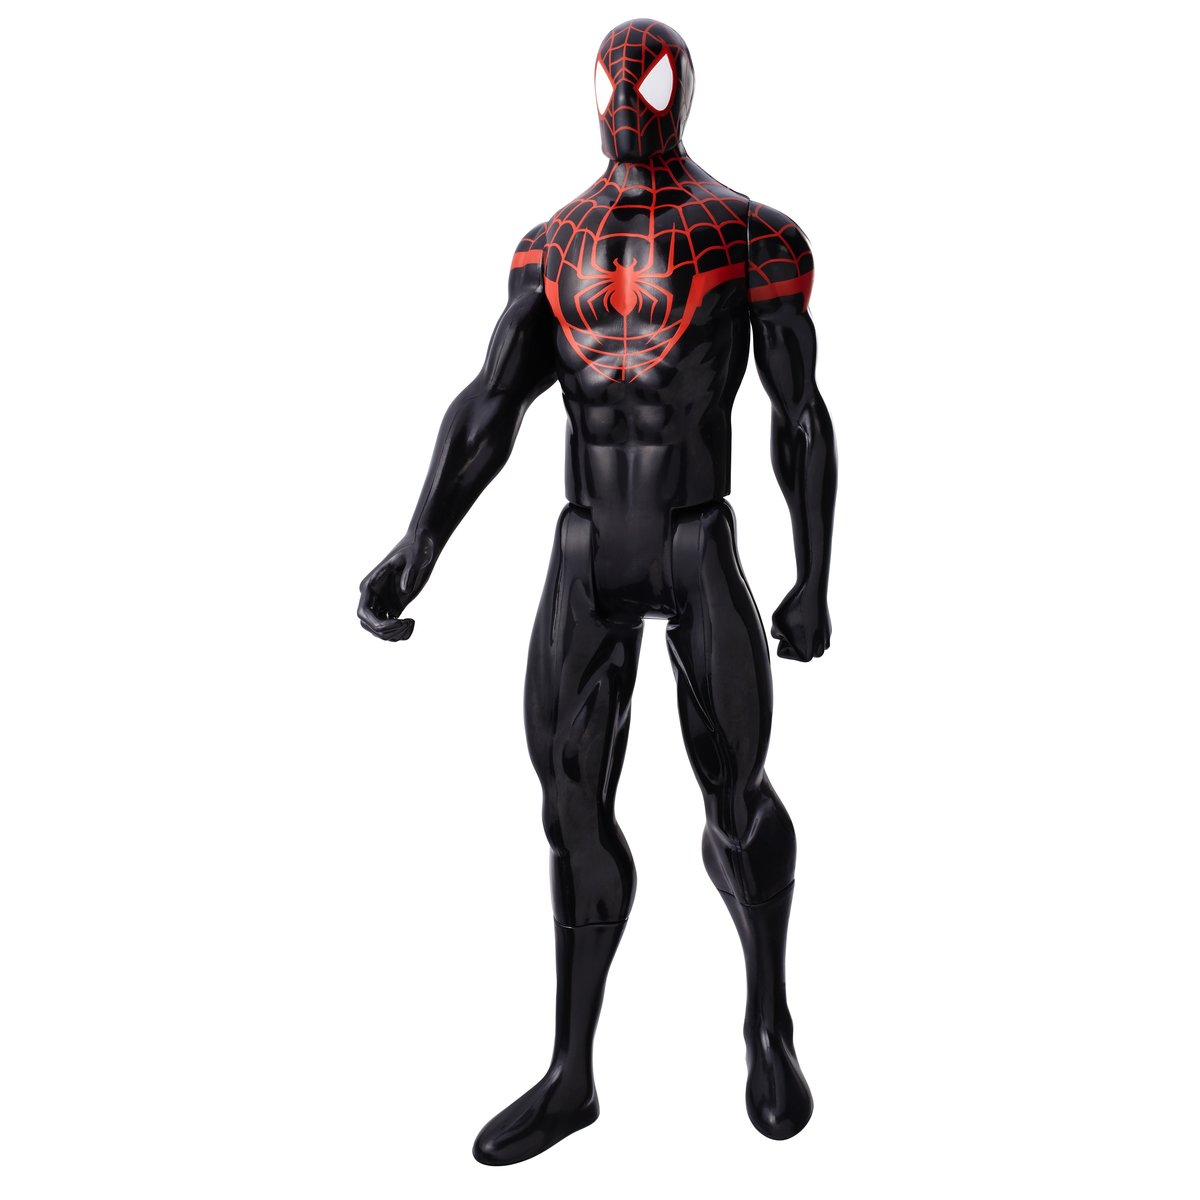 человек паук картинки игрушки человек паук испании мужчины